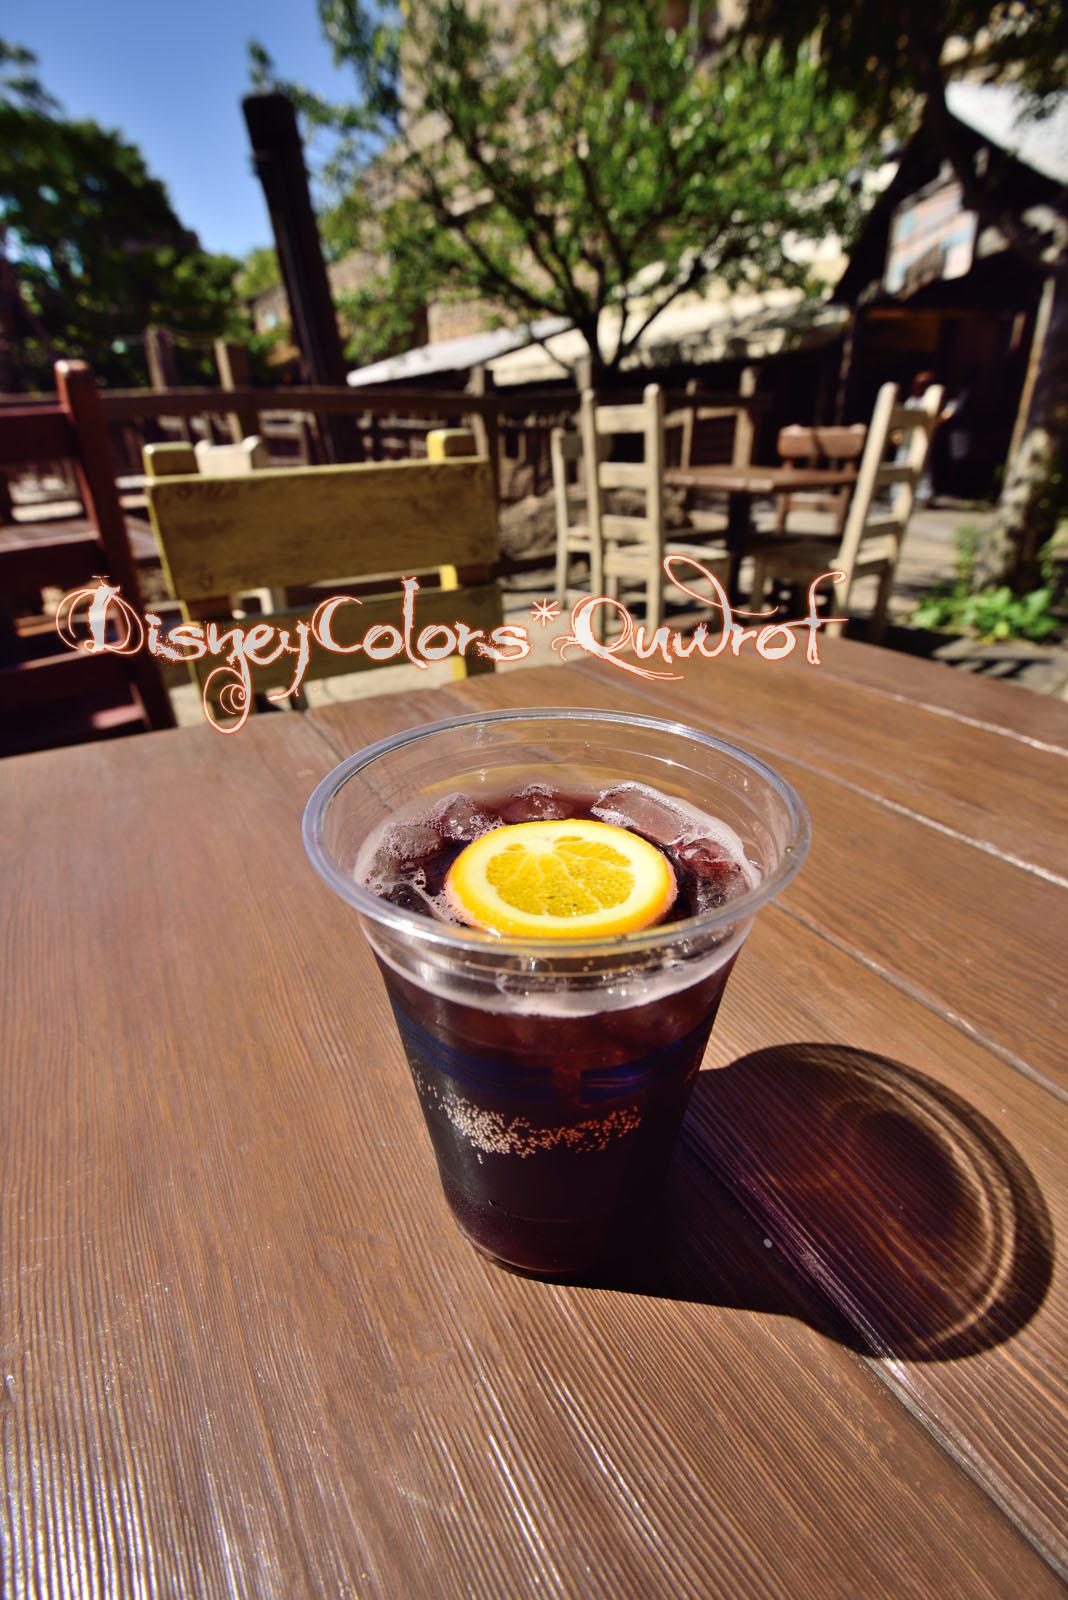 ユカタン・ベースキャンプ・グリル カリモーチョ(赤ワイン&コカ・コーラ)